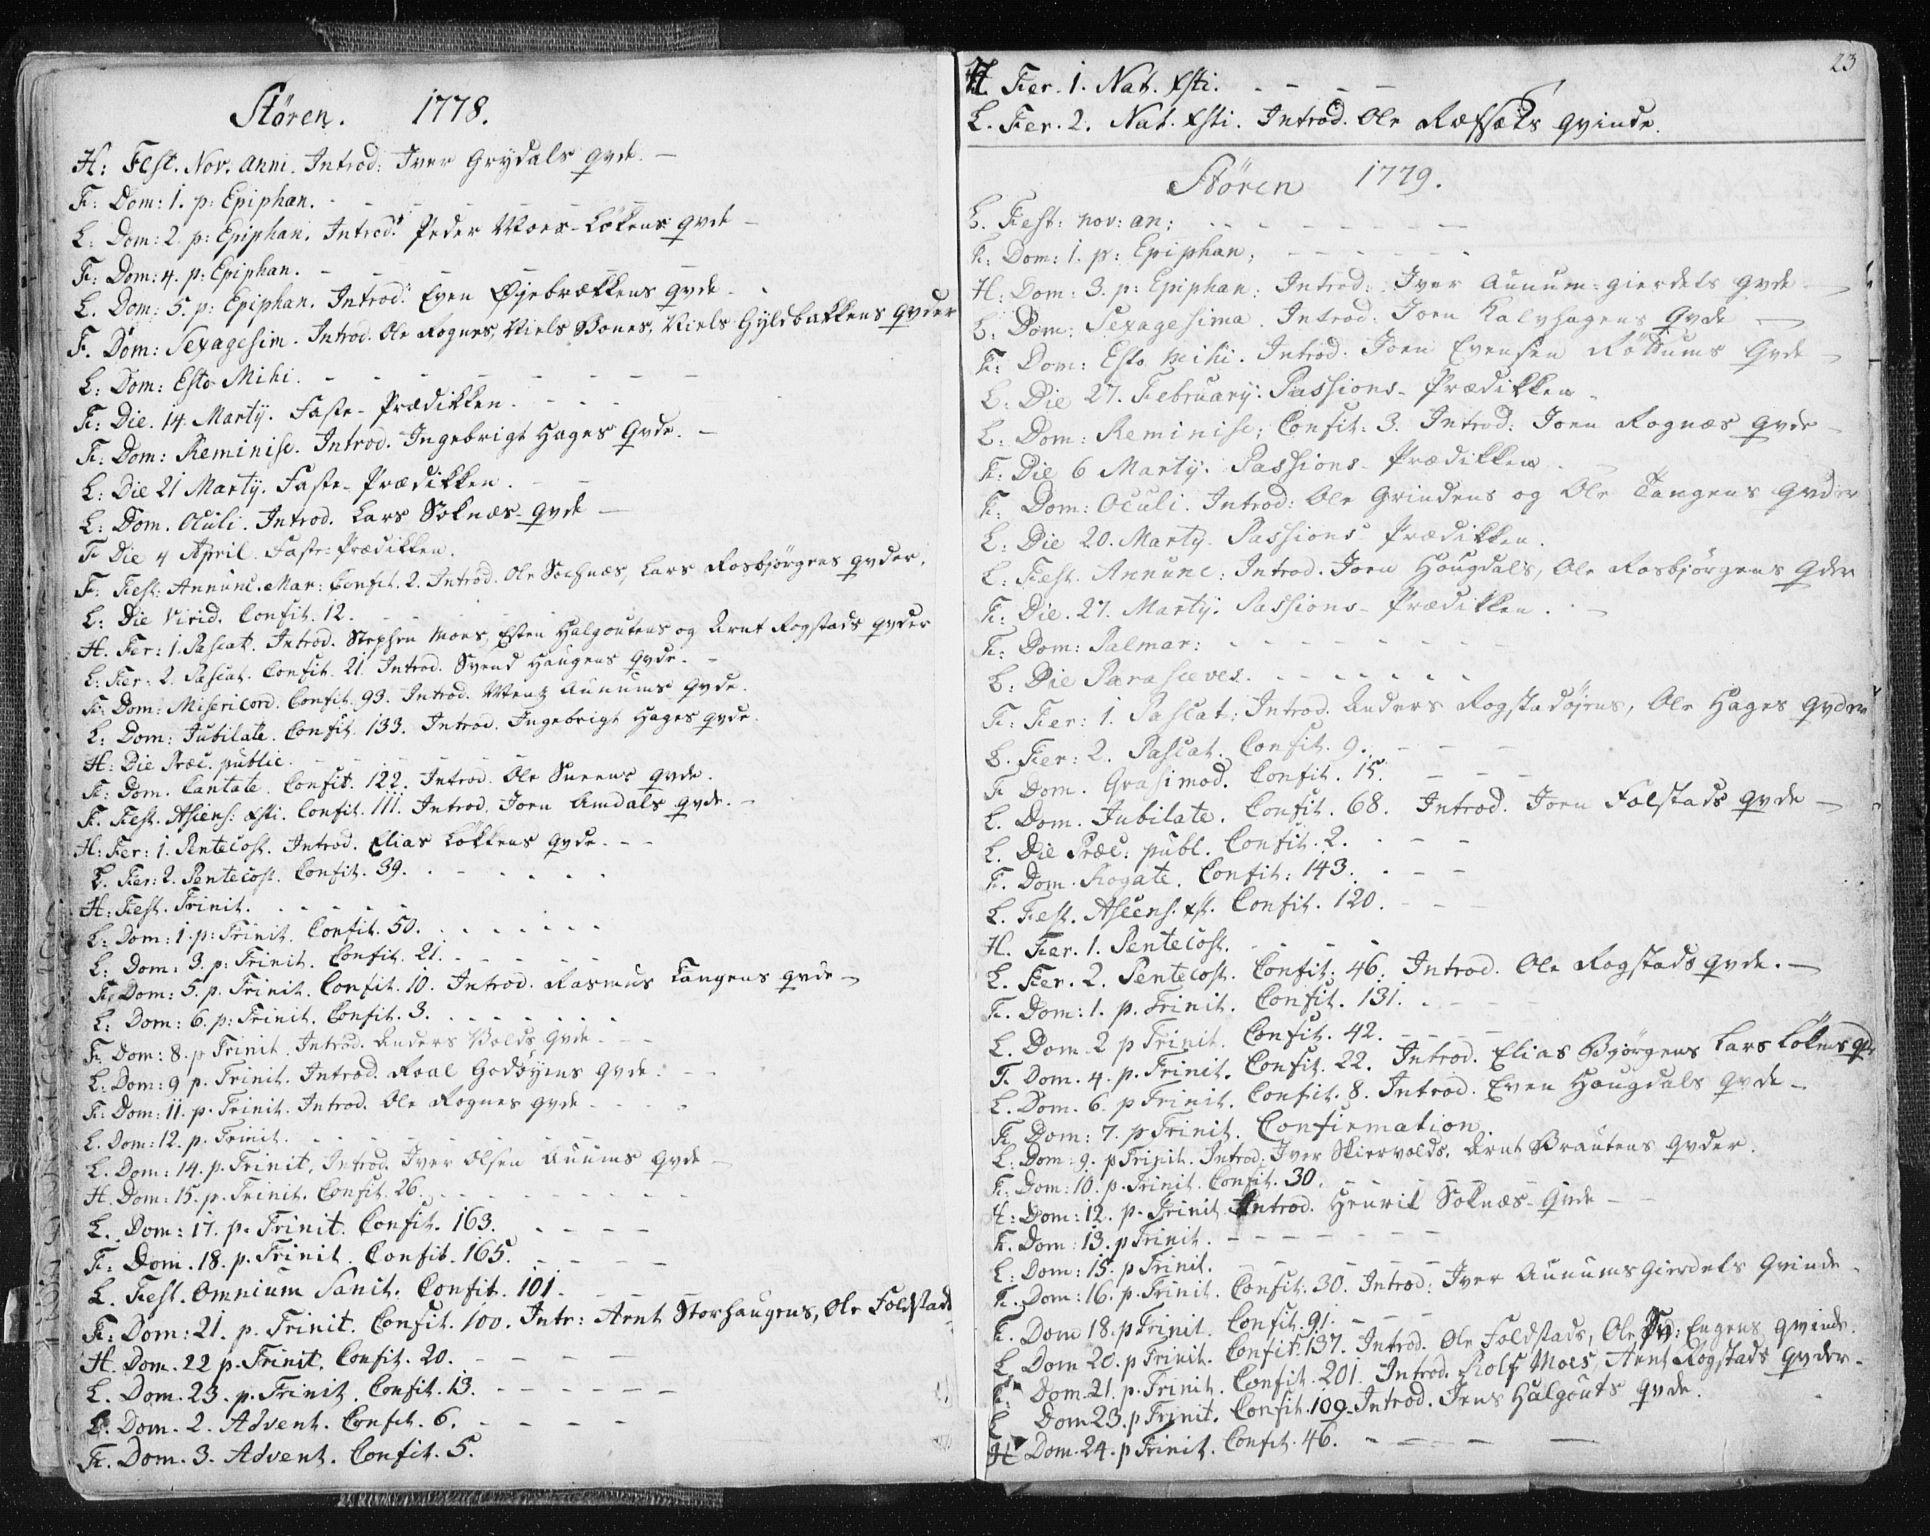 SAT, Ministerialprotokoller, klokkerbøker og fødselsregistre - Sør-Trøndelag, 687/L0991: Ministerialbok nr. 687A02, 1747-1790, s. 23